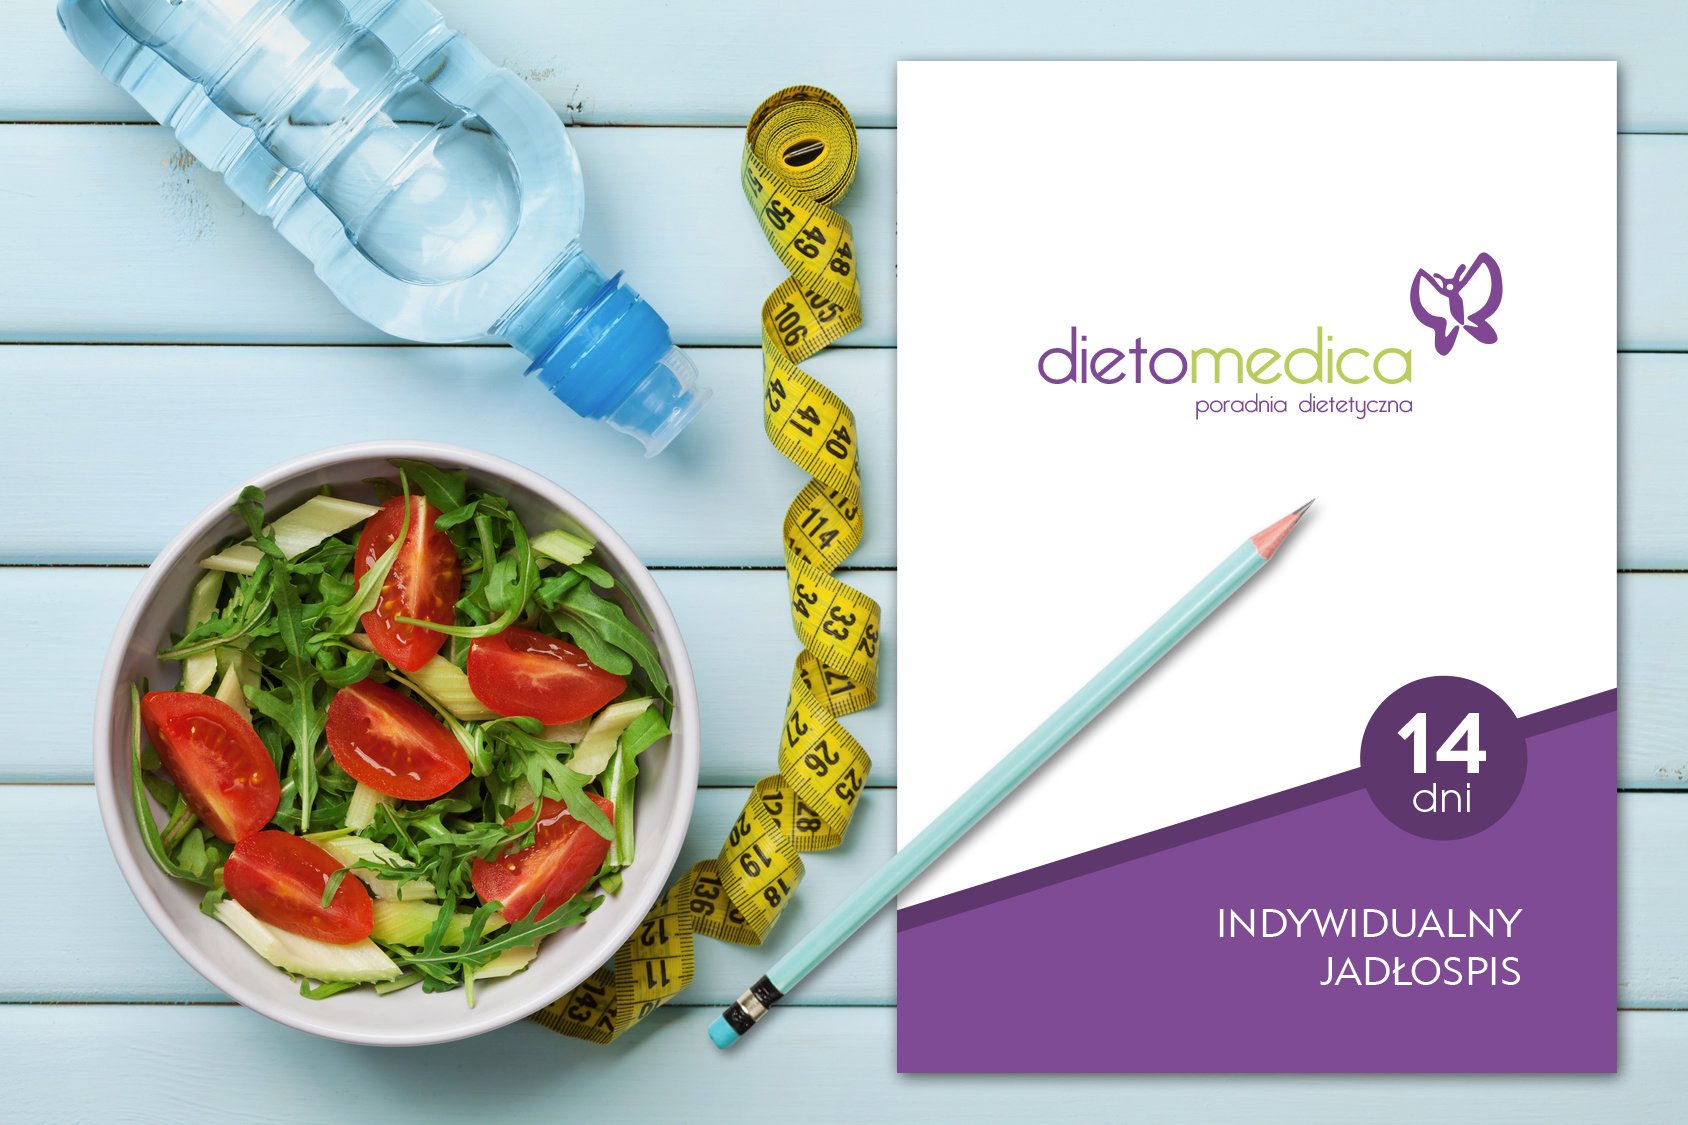 Indywidualny jadłospis dietomedica